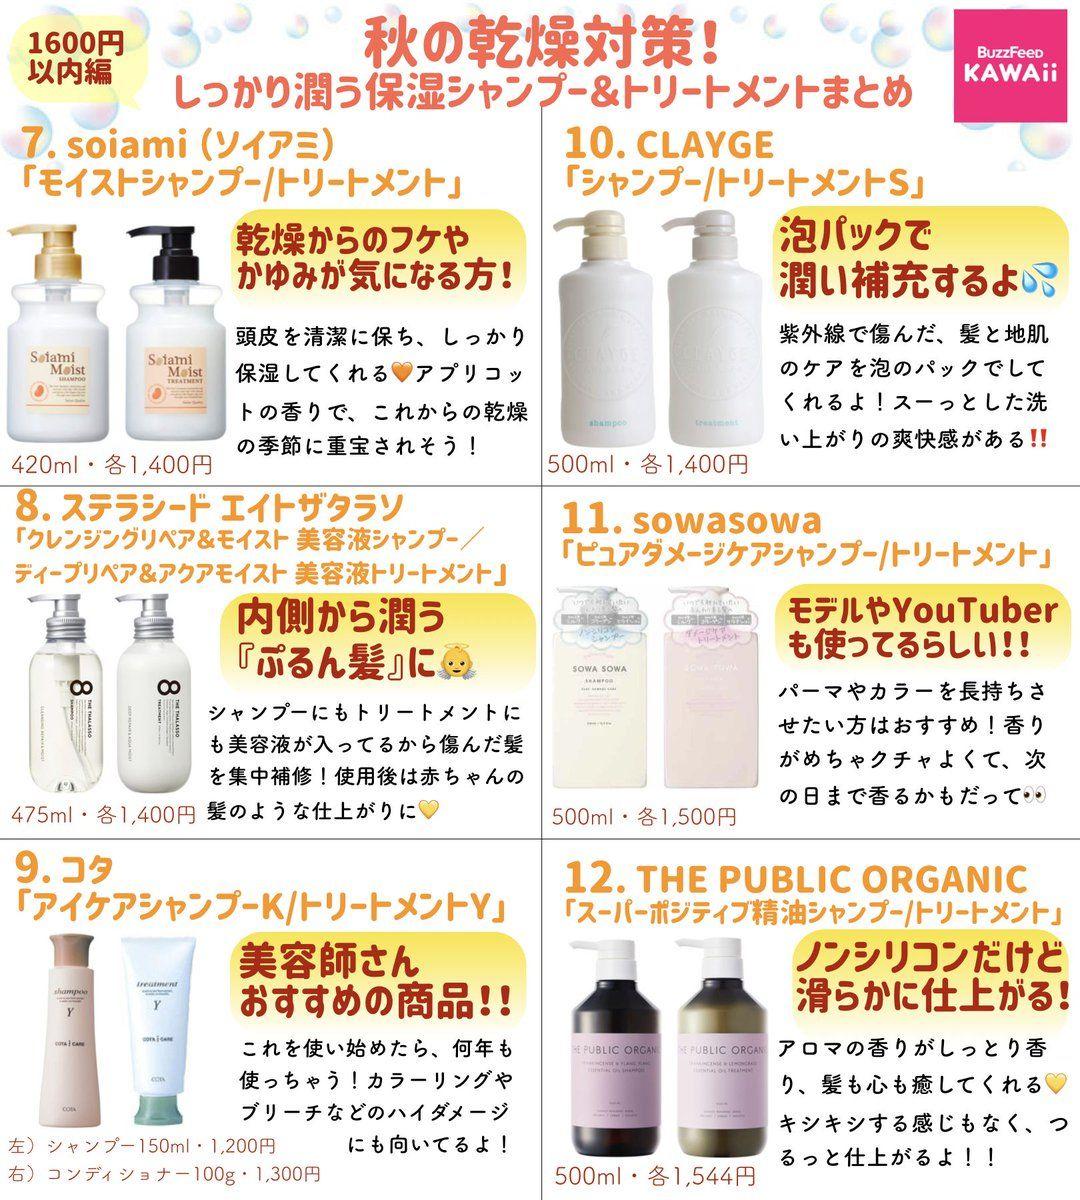 ヘアミルクおすすめ人気ランキング21選 口コミ話題のプチプラ サロン